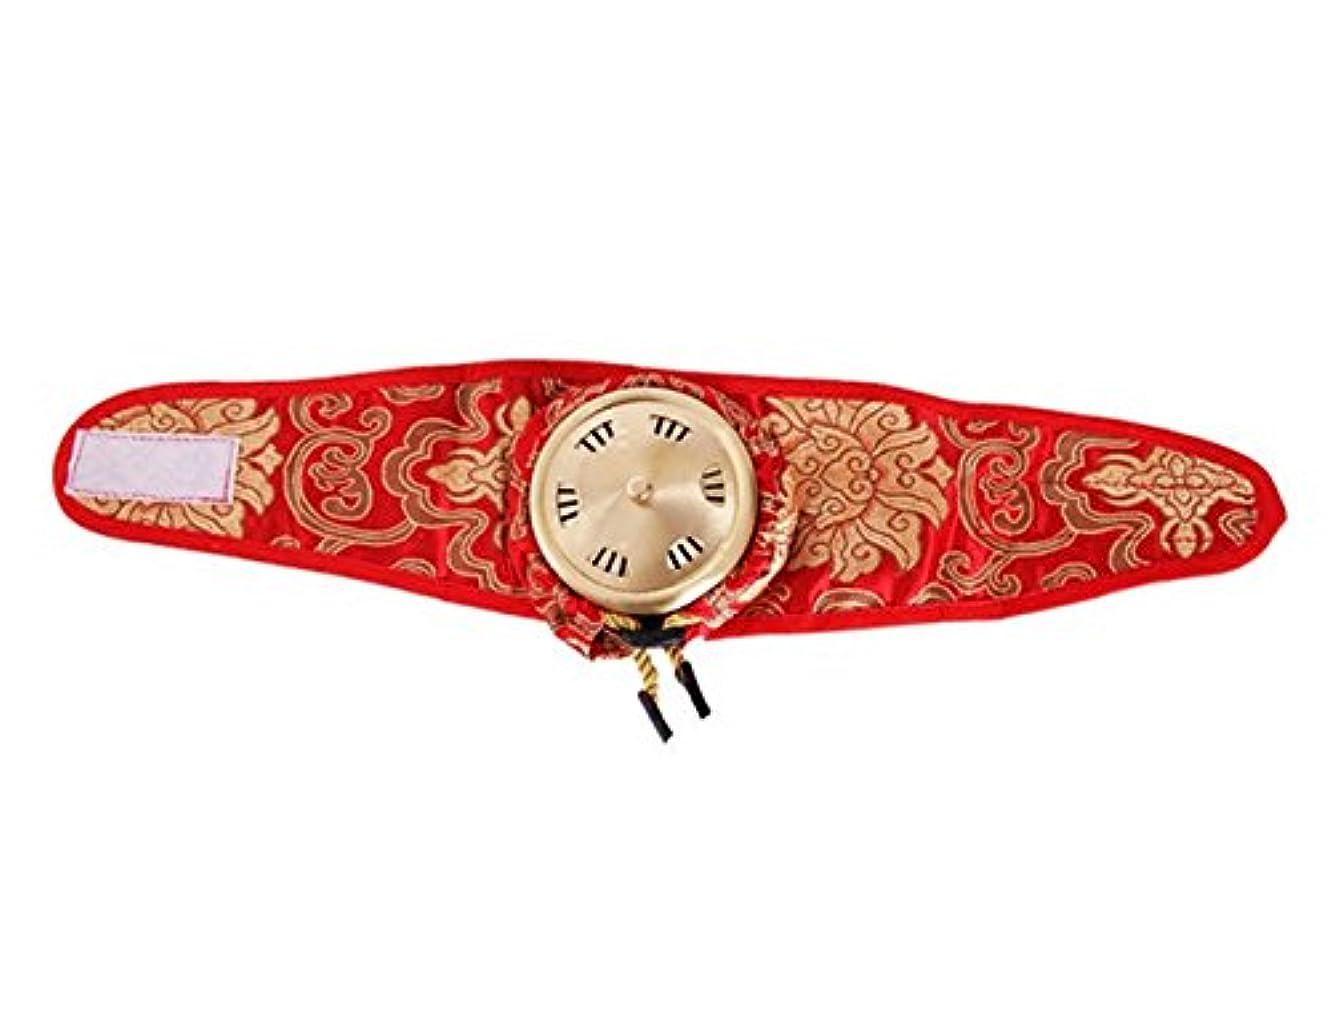 ハントレイプ器具ポータブルシングルリンク純粋な銅サテン布灸マッサージボックス Elitzia ET01